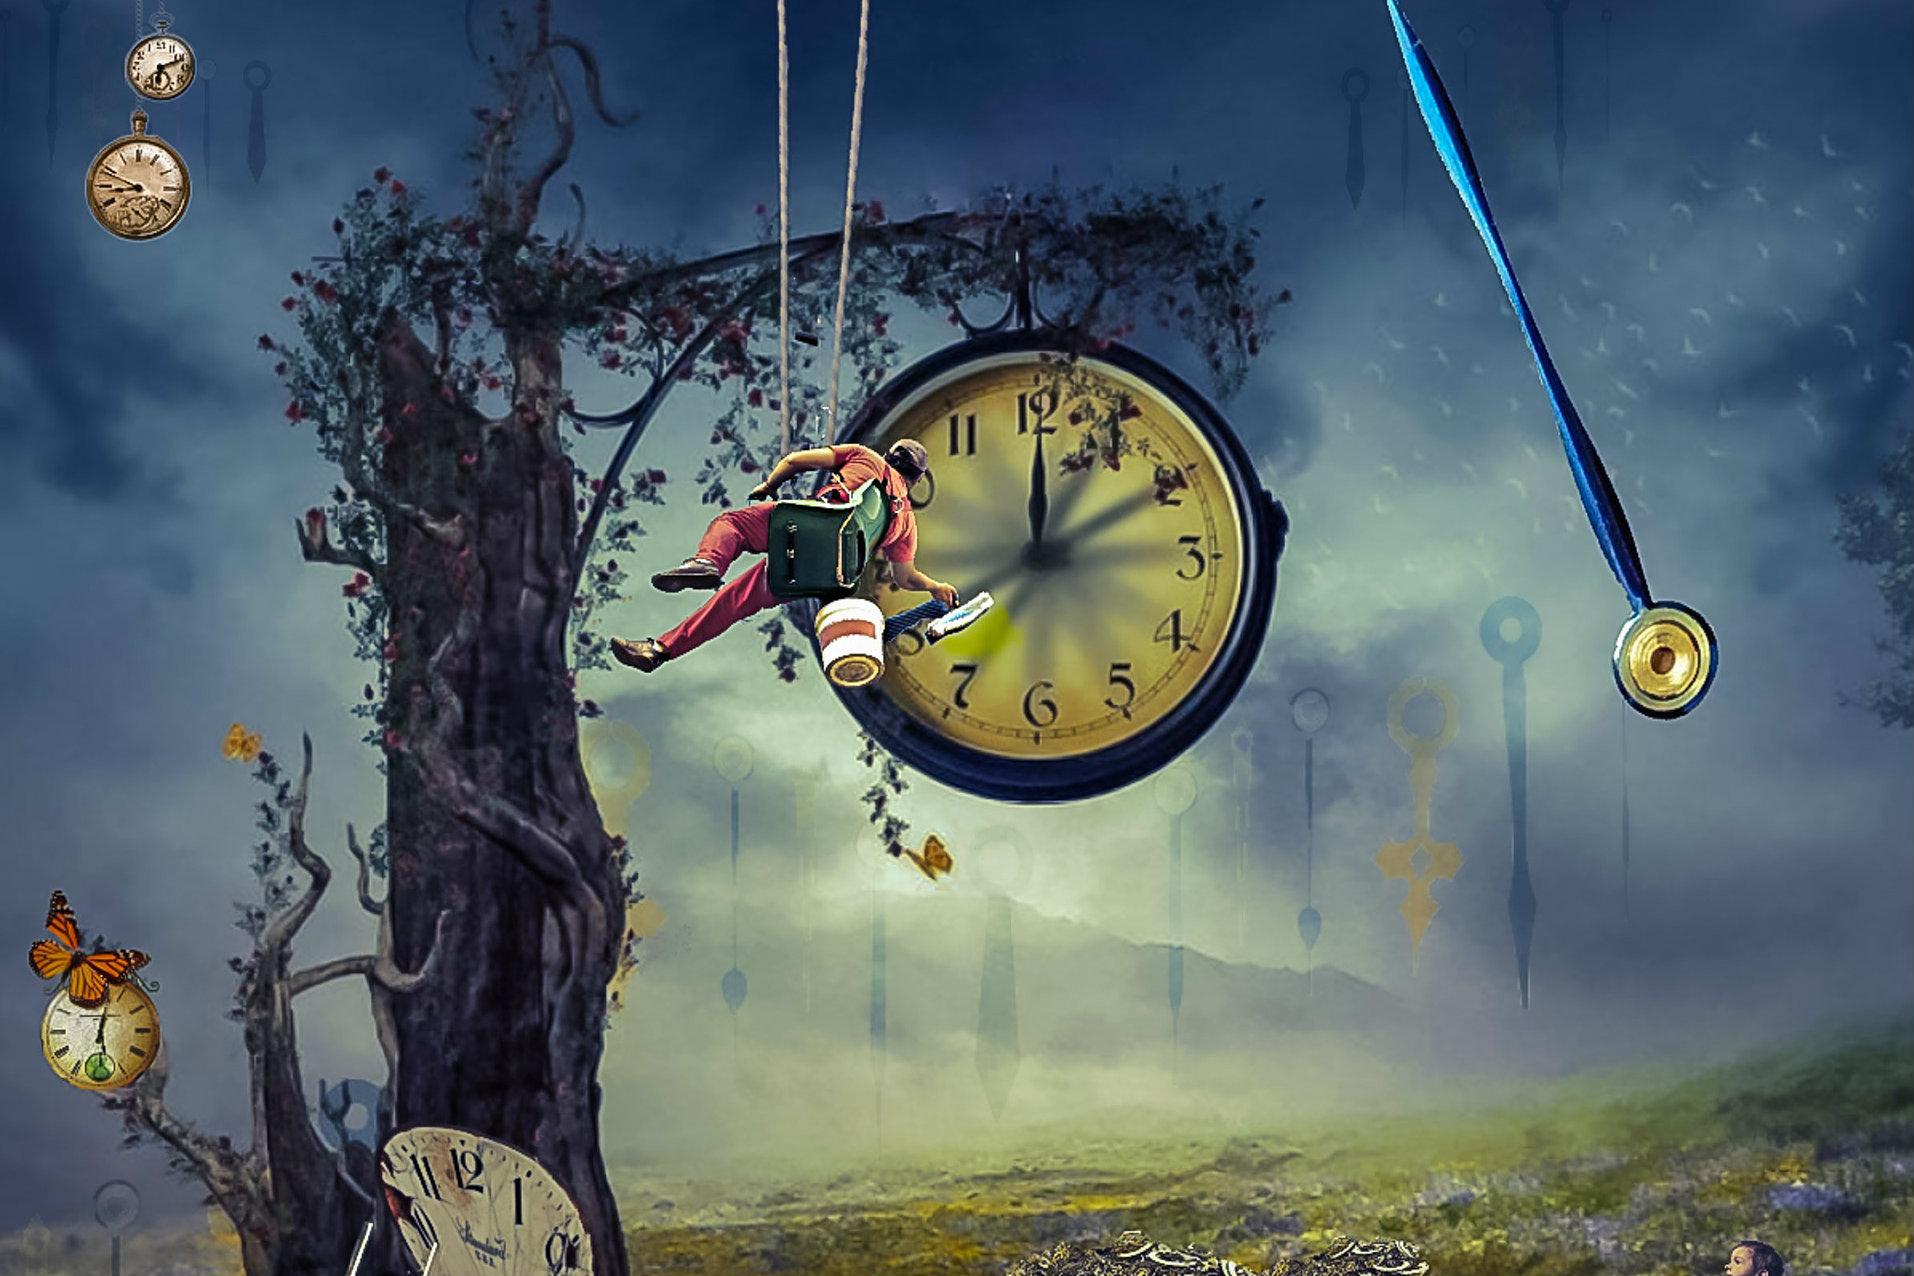 bajkowa ilustracja z drzewem i zegarem peronowym, które jest malowane przez mężczyznę na huśtawce